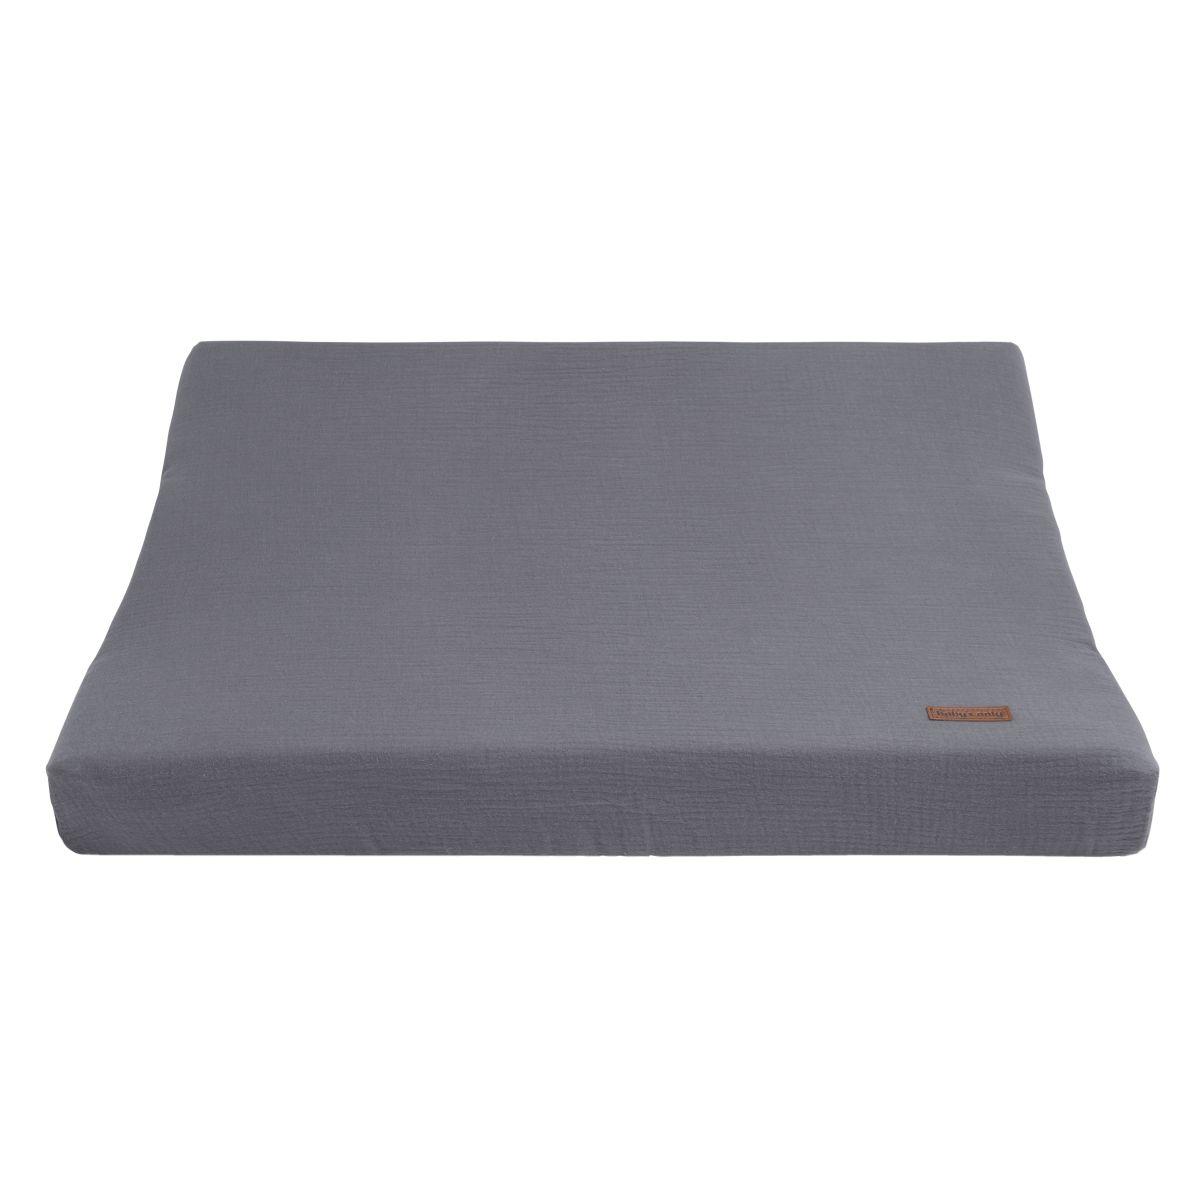 wickelauflagenbezug breeze anthrazit 45x70